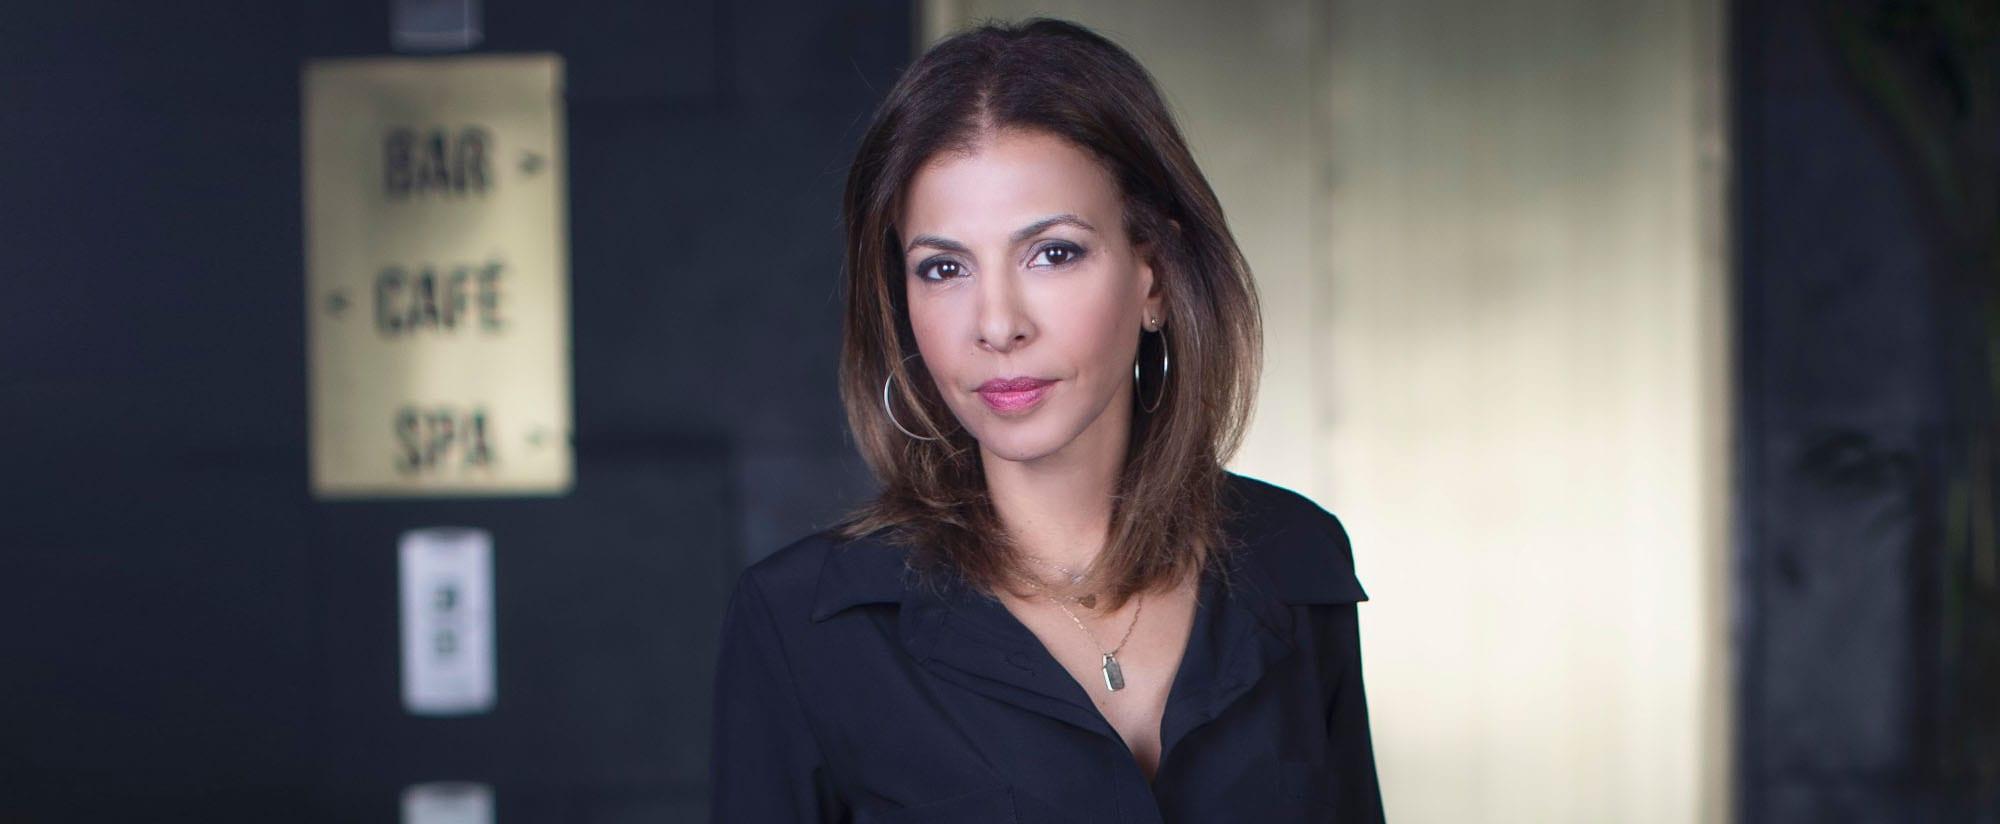 חגית טסה צילום ענת קזולה, חדשות, כתבות מגזין אופנה ישראלי